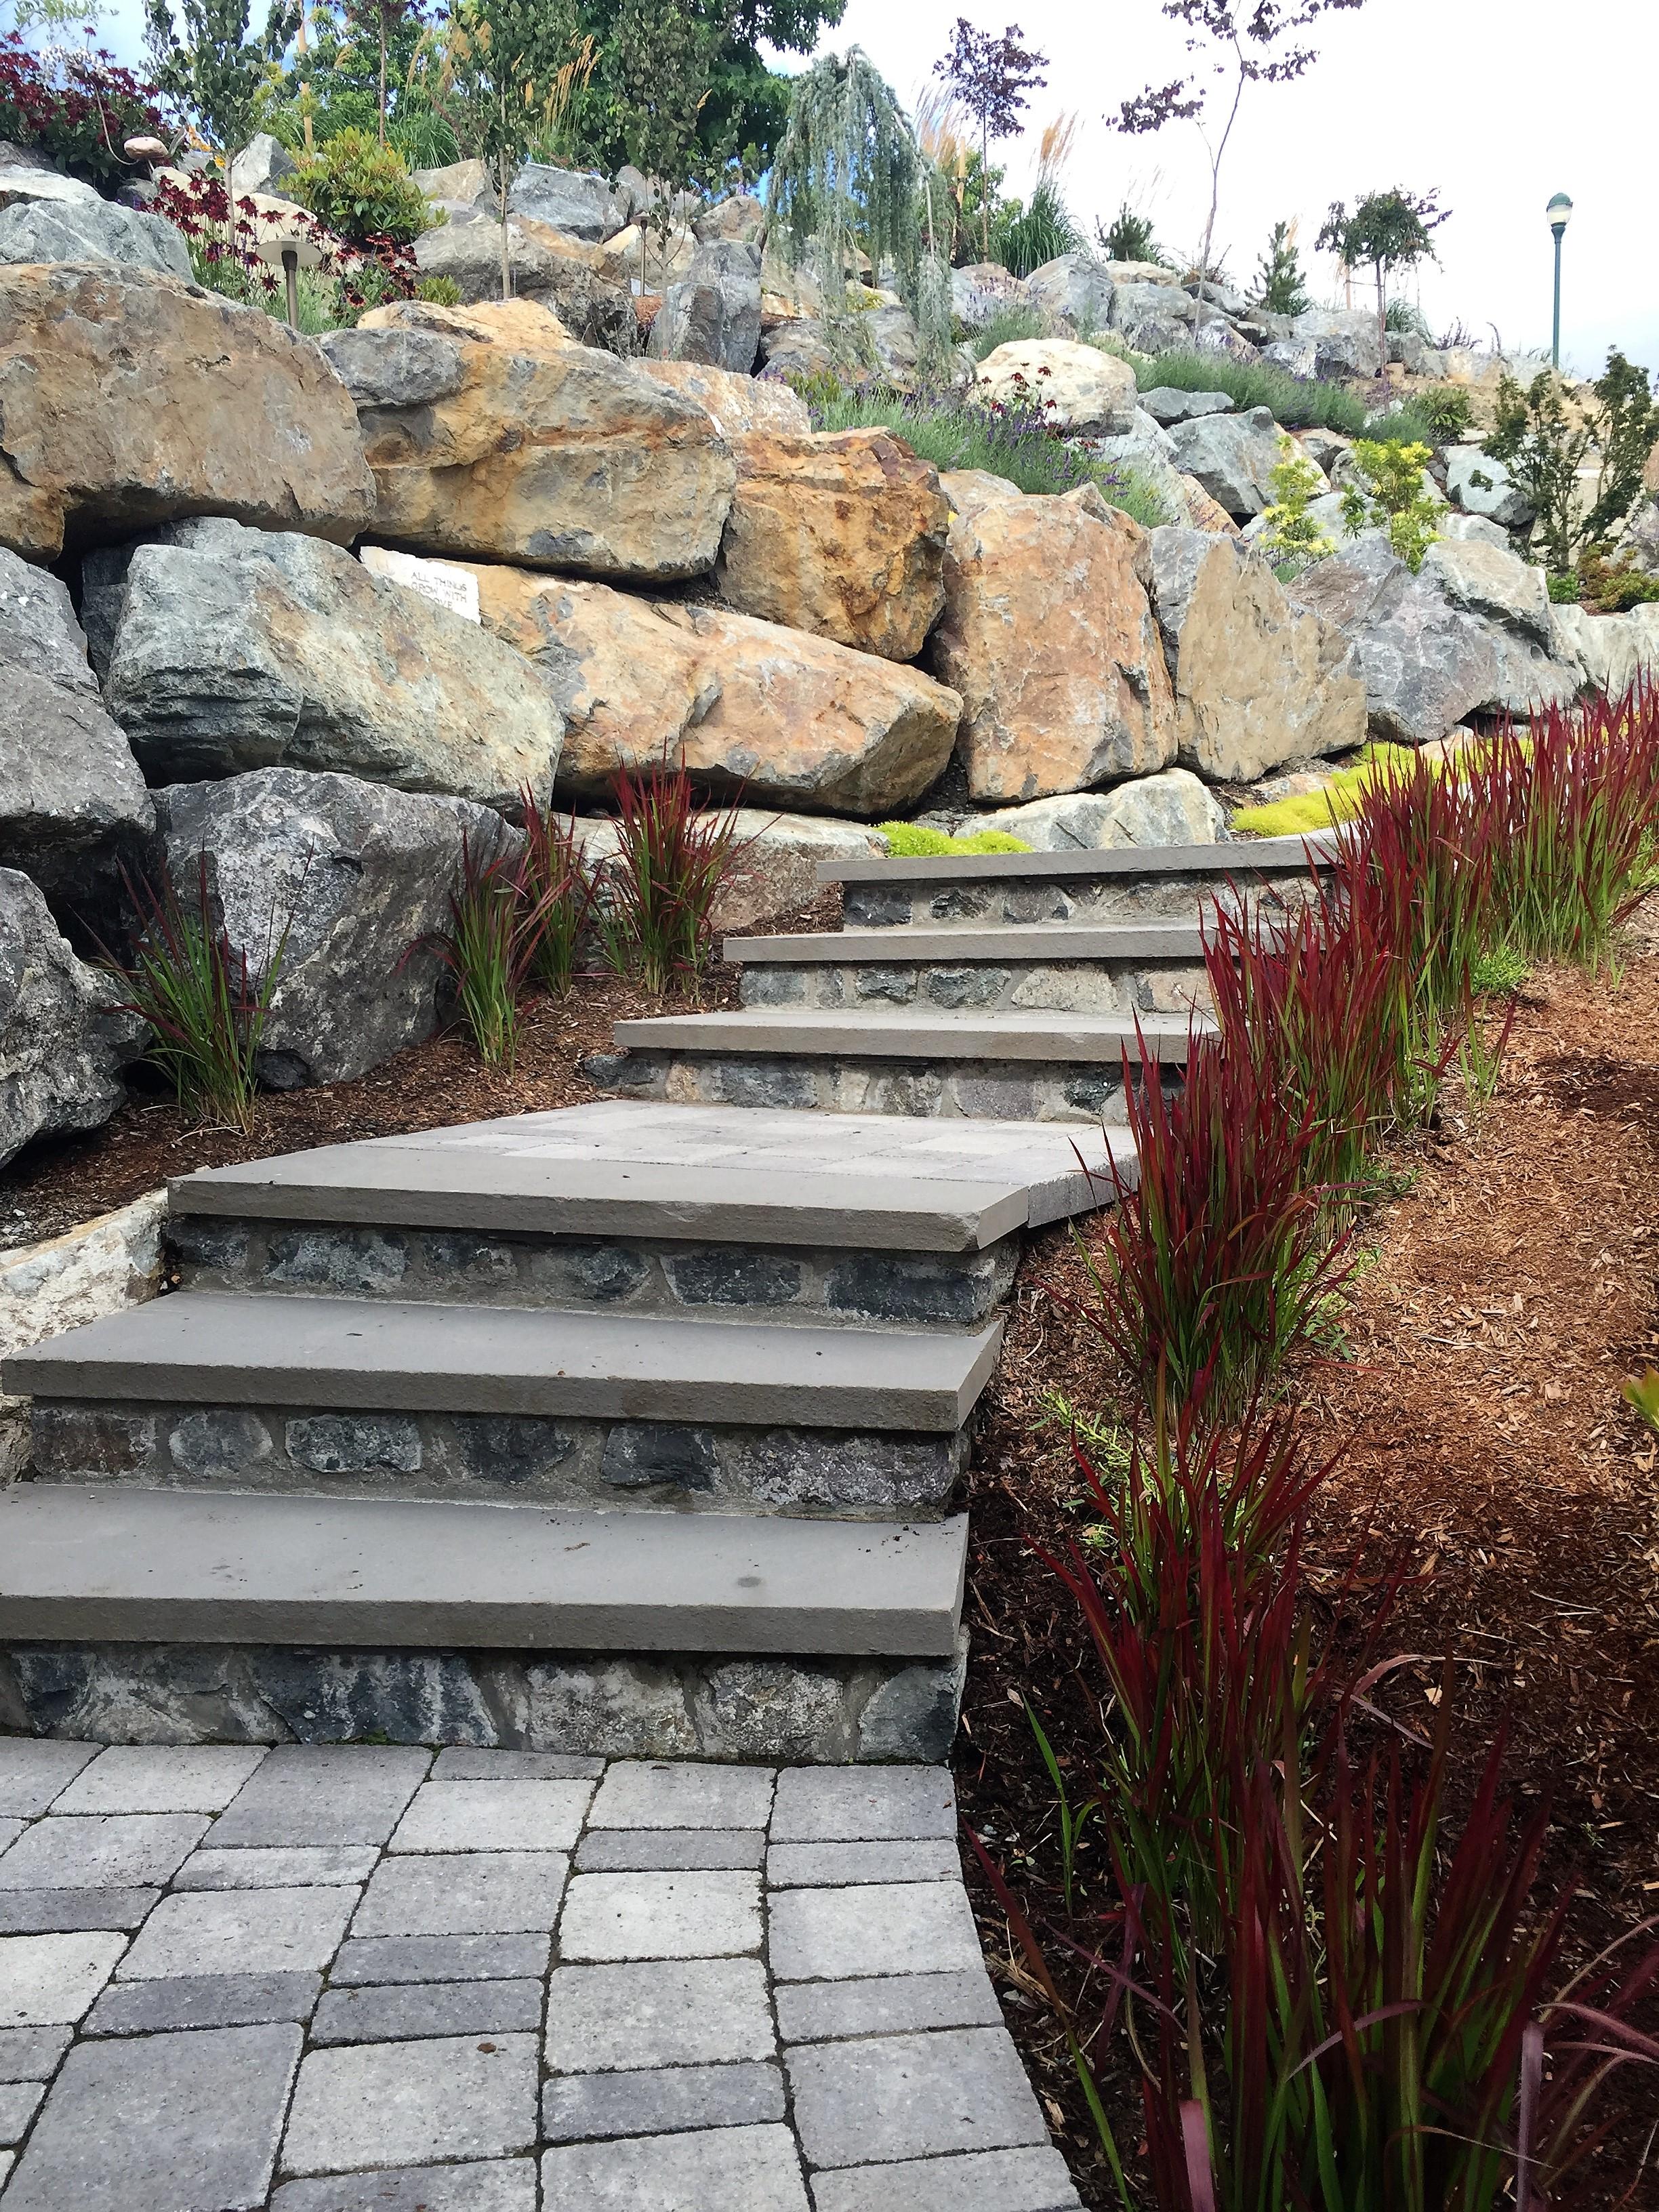 MustangLandscape-BC-Victoria-Garden- stone steps-Japanesebloodgrass.jpg